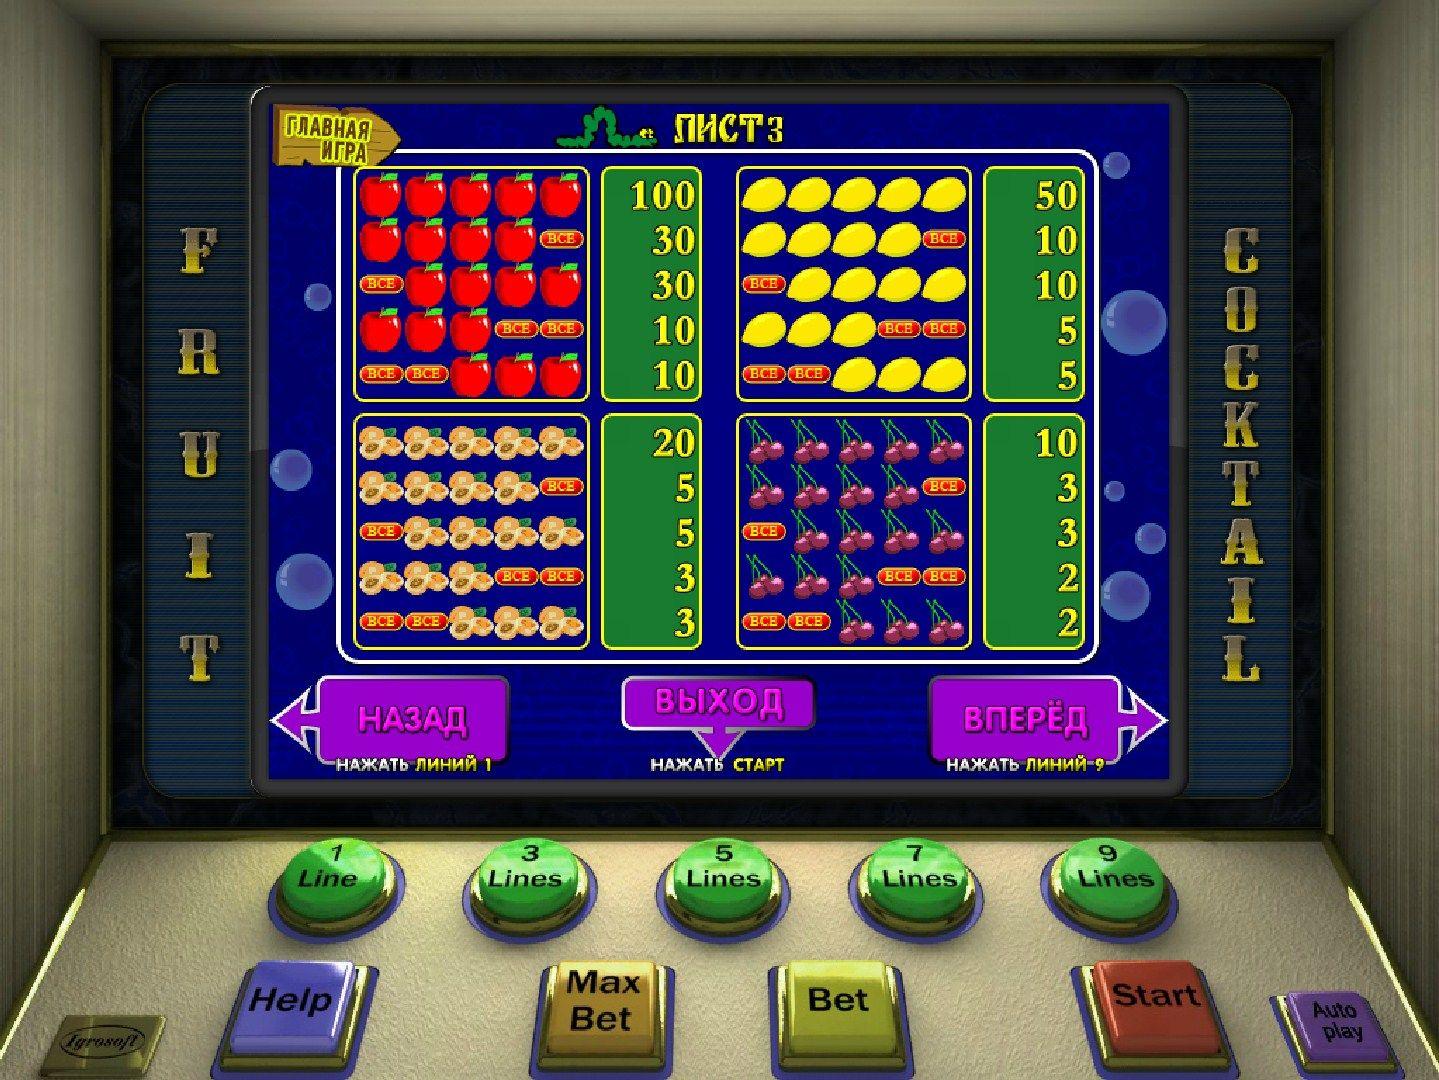 Игровые аппараты резидент играть он лайн бесплатно игровые автоматы для взрослых бесплатно